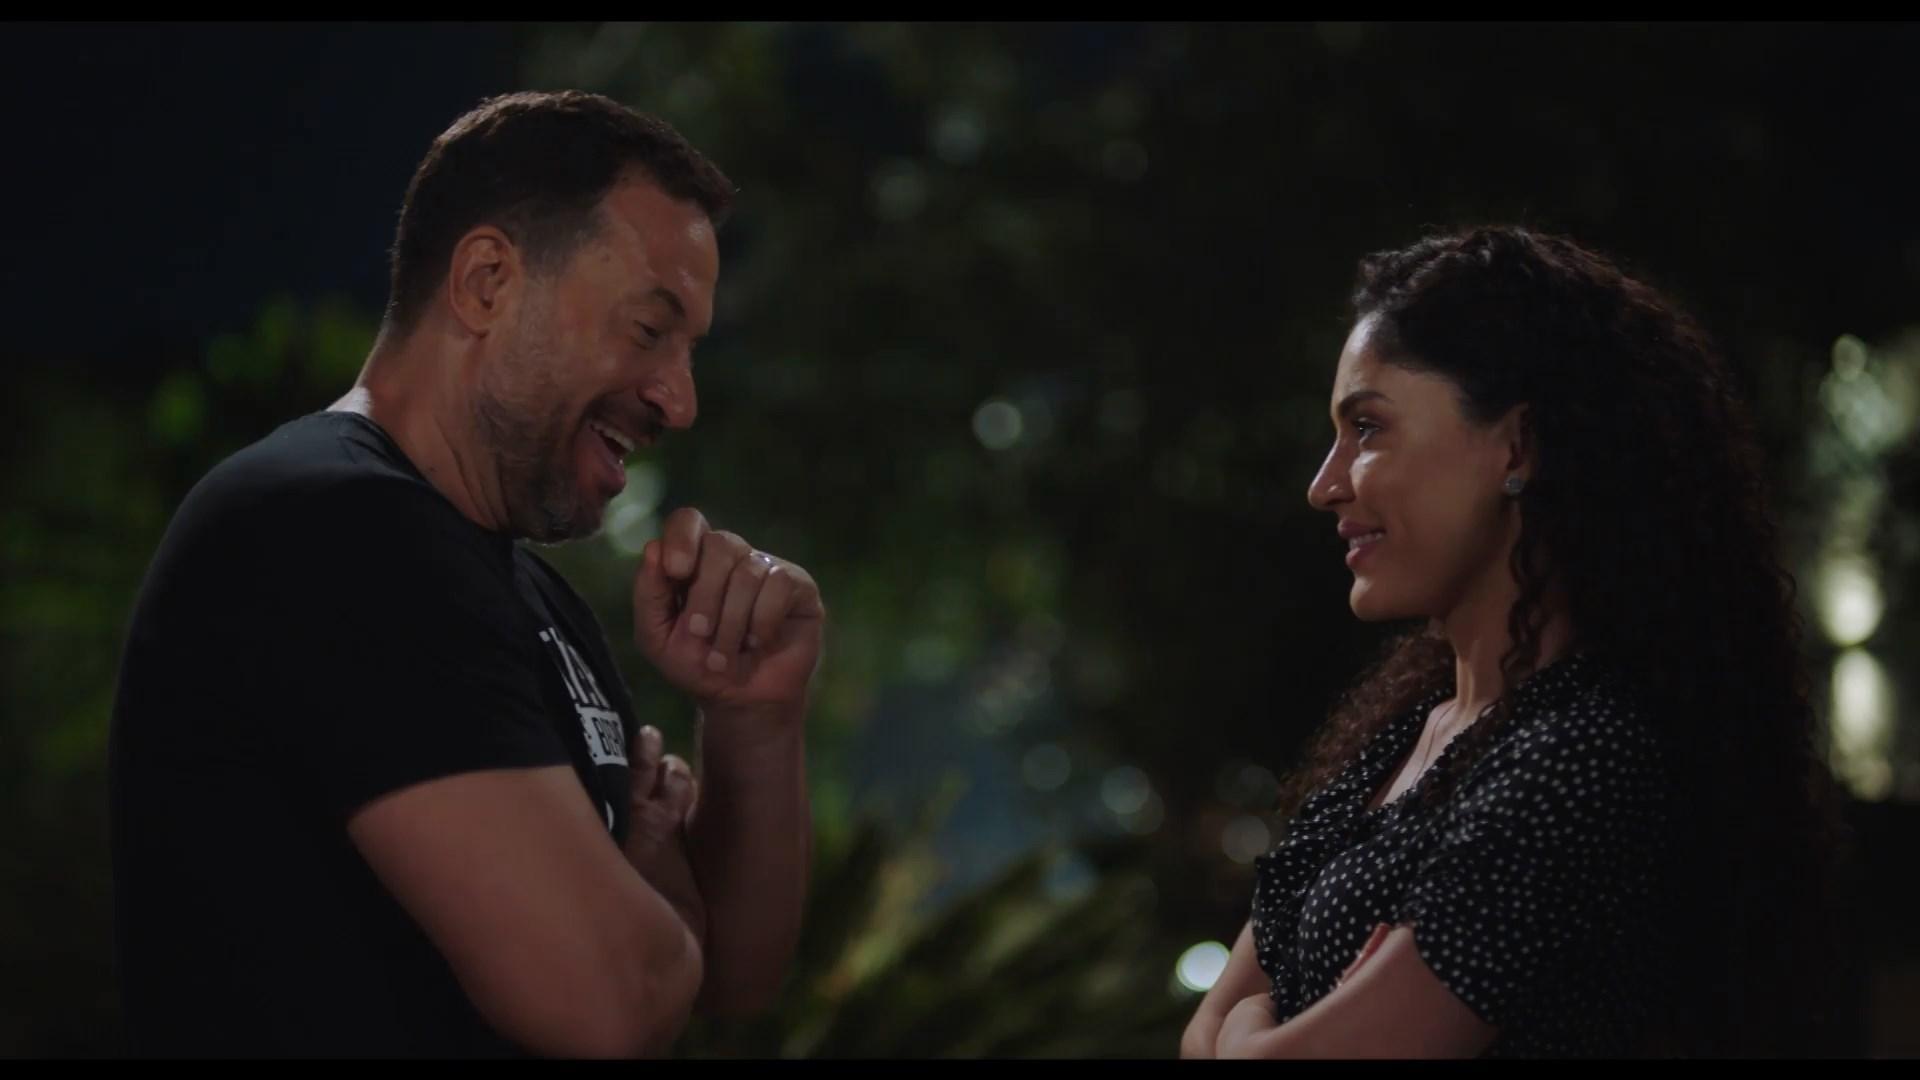 مسلسل الوجه الآخر الحلقة السابعة (2020) 1080p تحميل تورنت 6 arabp2p.com